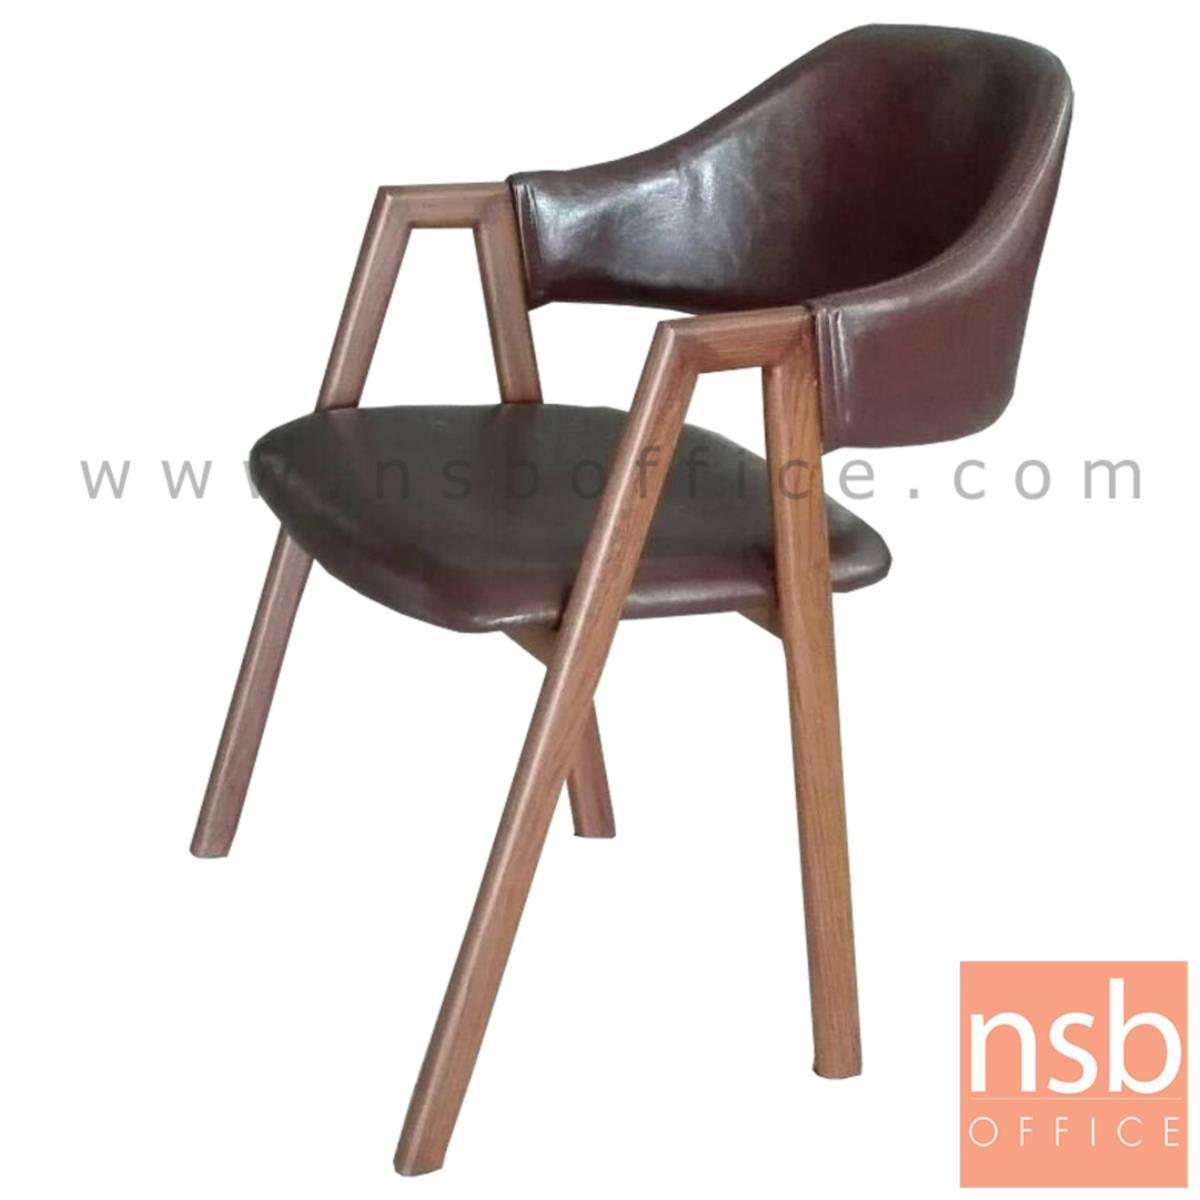 B29A296:เก้าอี้โมเดิร์นหนังเทียม รุ่น Eastwood (อีสต์วุด)  โครงขาไม้